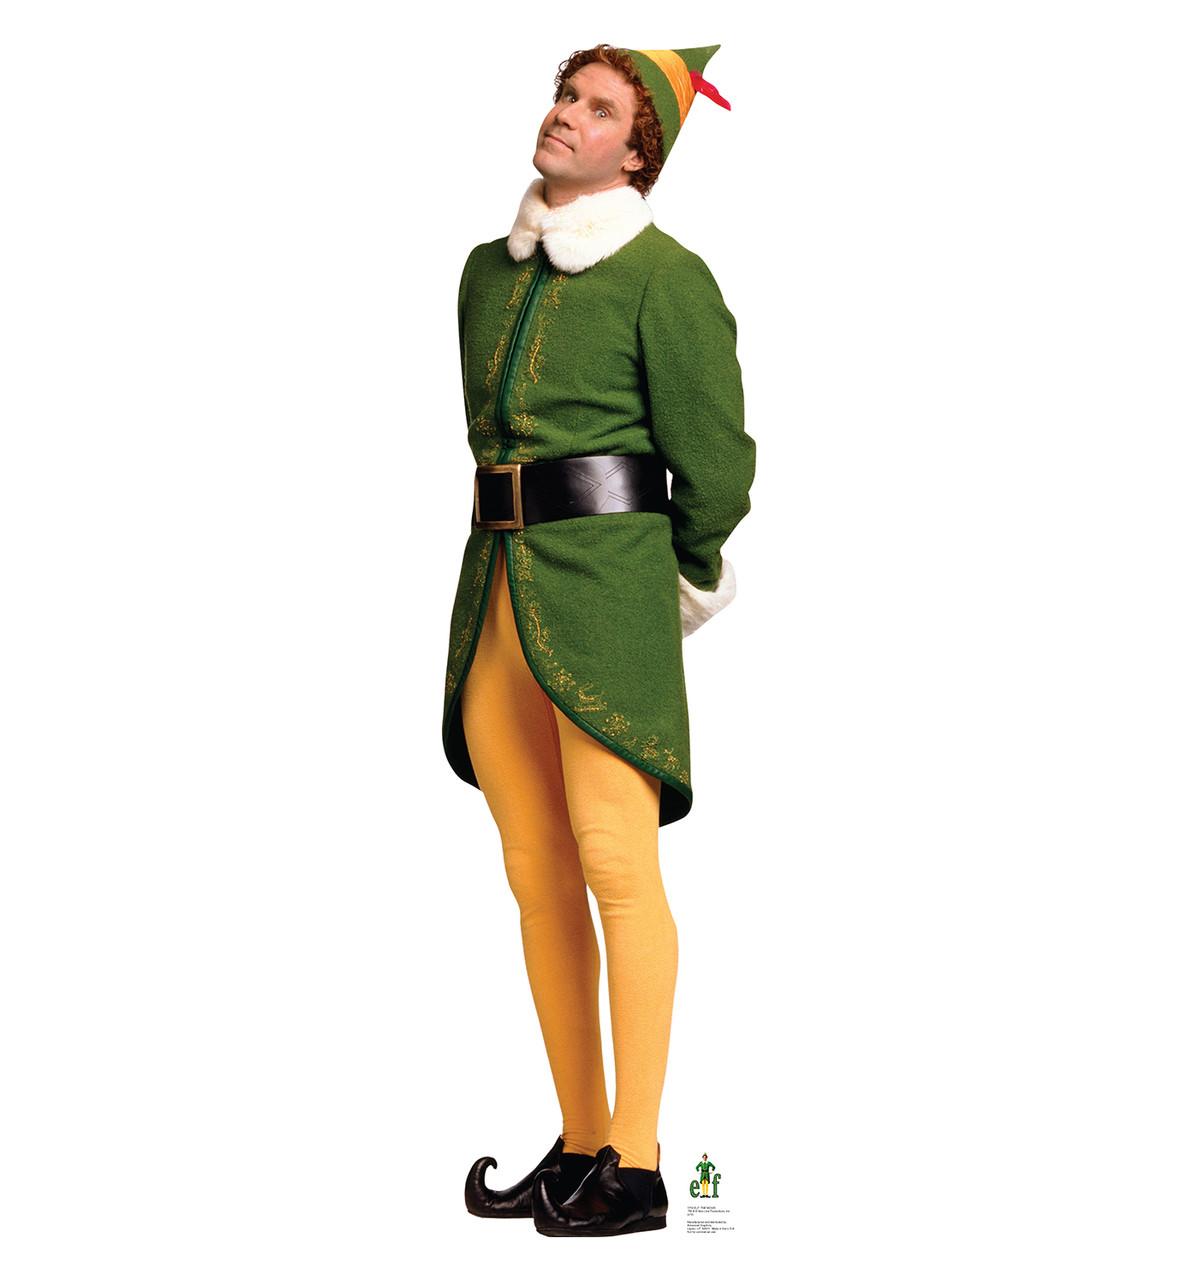 Life-size Concerned Buddy - Elf Cardboard Cutout Will Ferrell